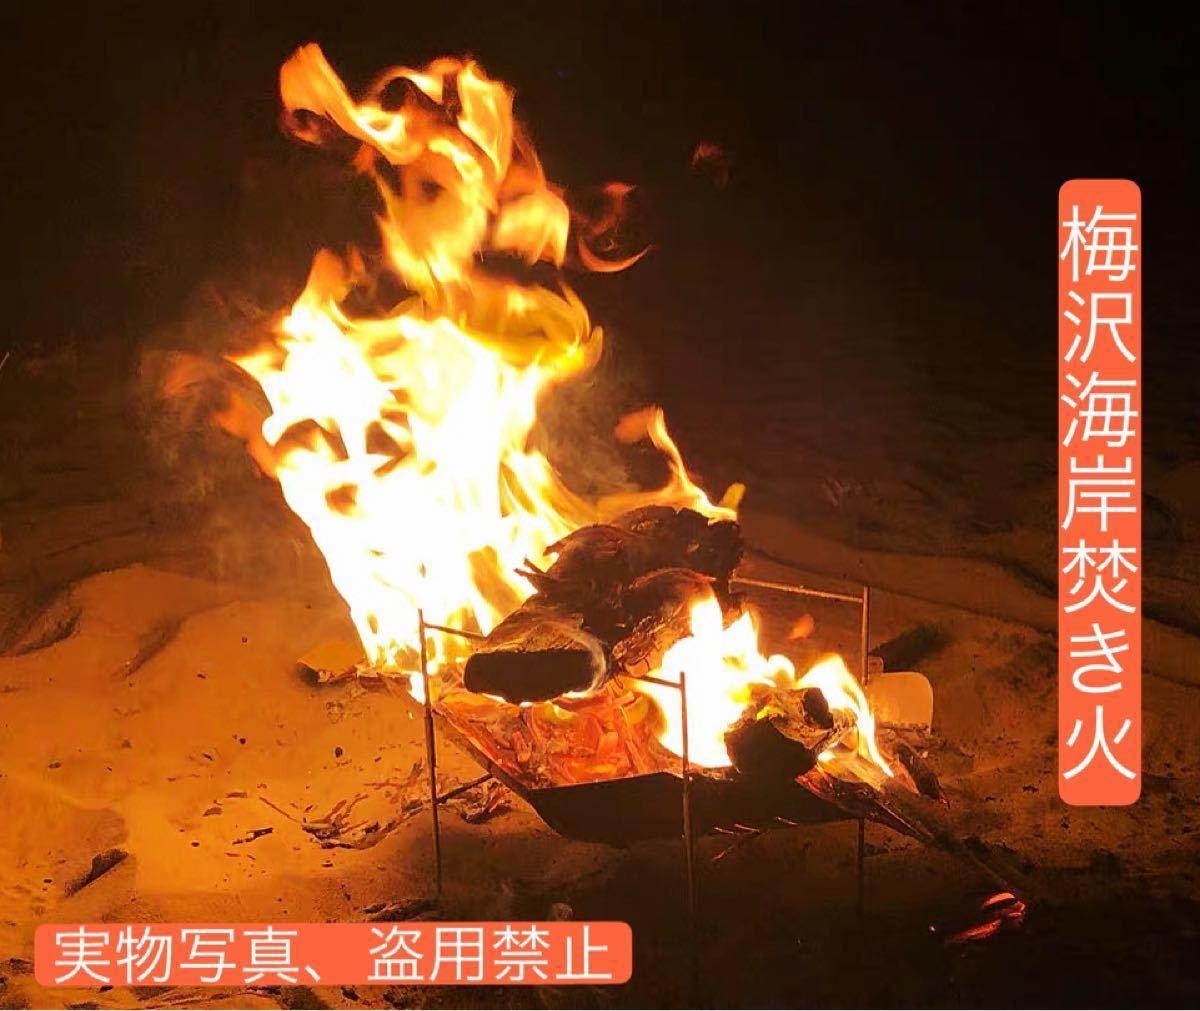 焚き火台 焚き火 軽量 折り畳み式 ステンレス製